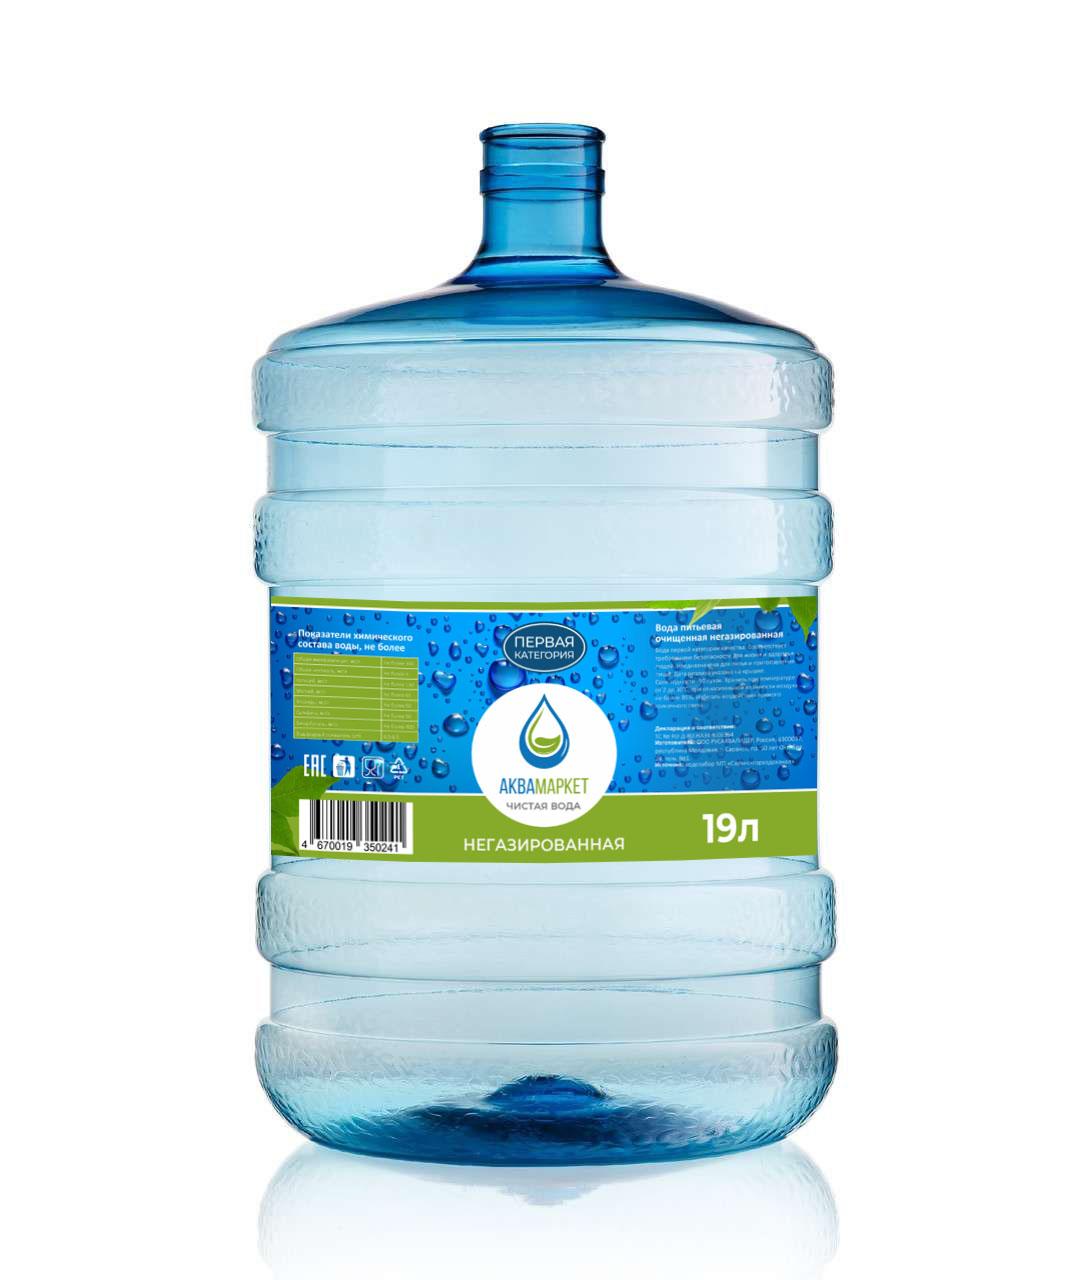 Разработка этикетки для питьевой воды в 19 литровых бутылях фото f_4195efff45d7e666.jpg